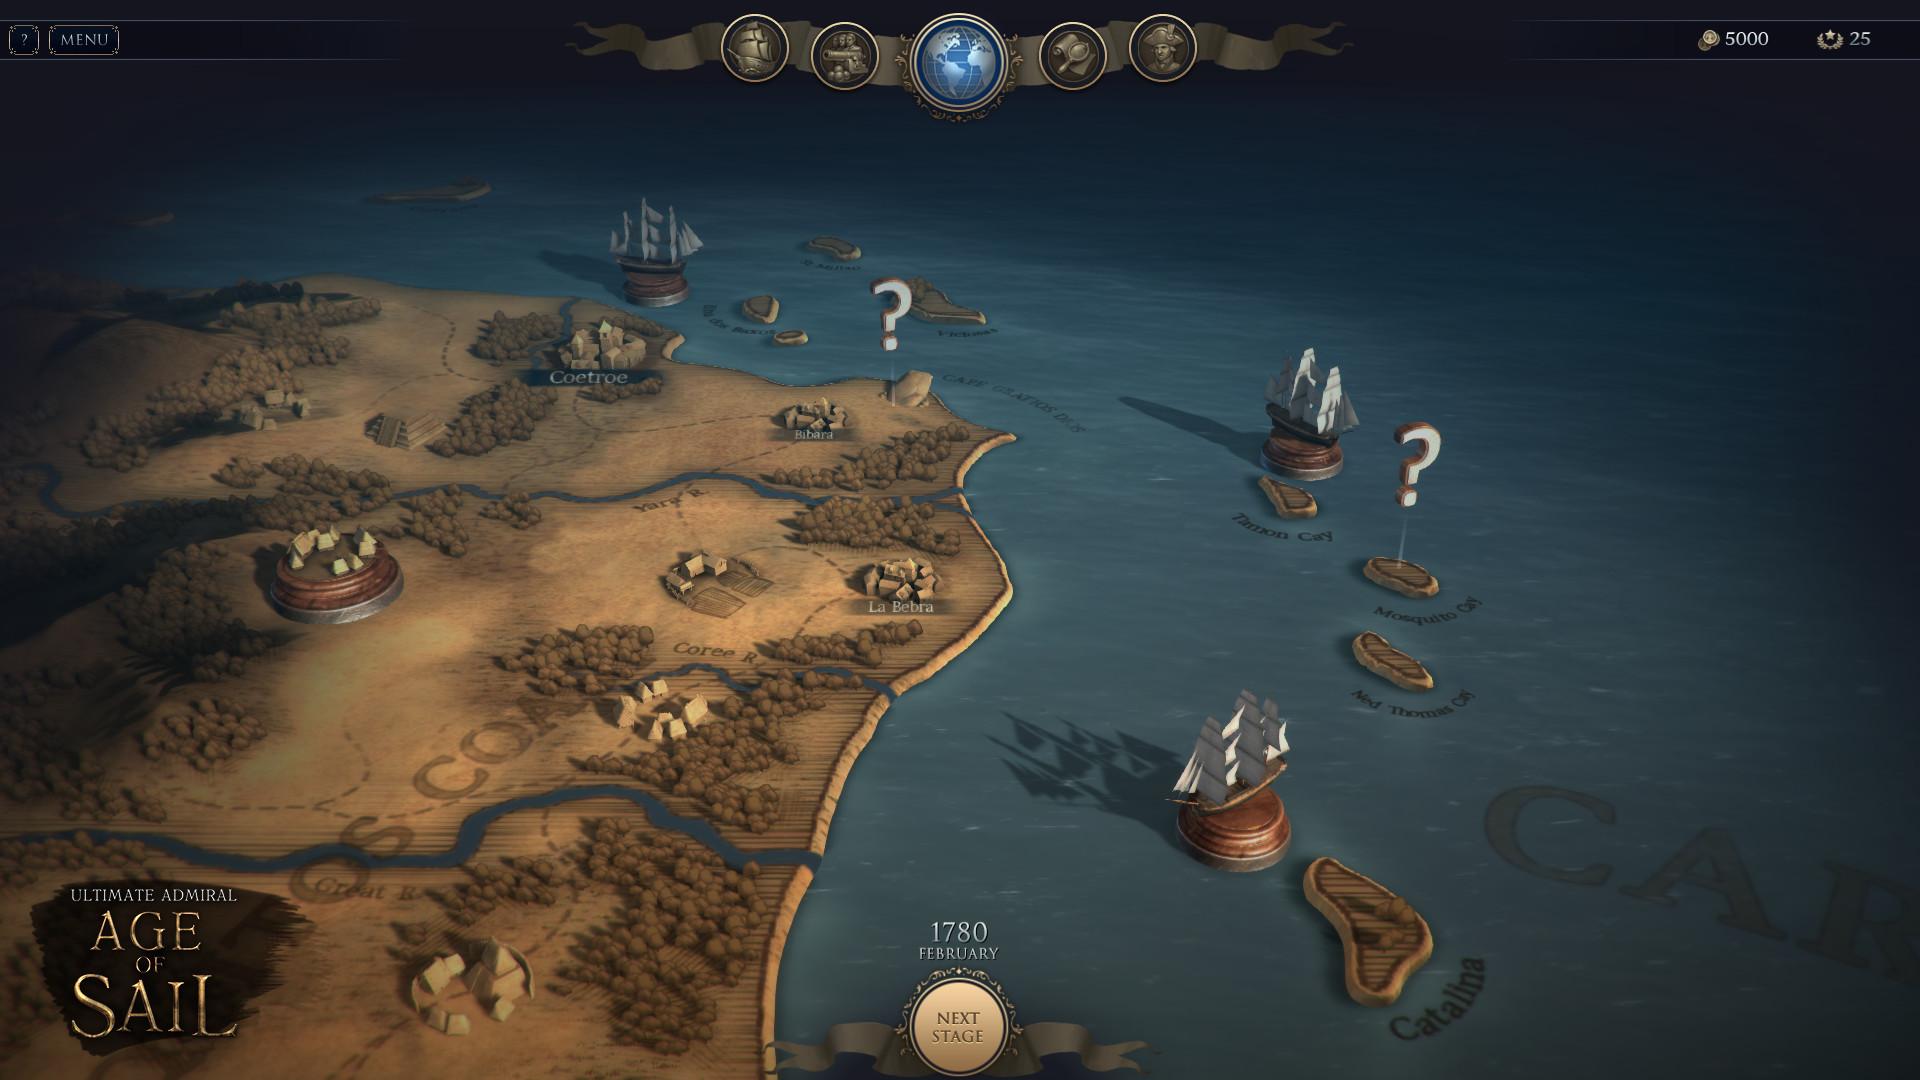 终极提督:航海时代/终极将军航海时代/Ultimate Admiral: Age of Sail